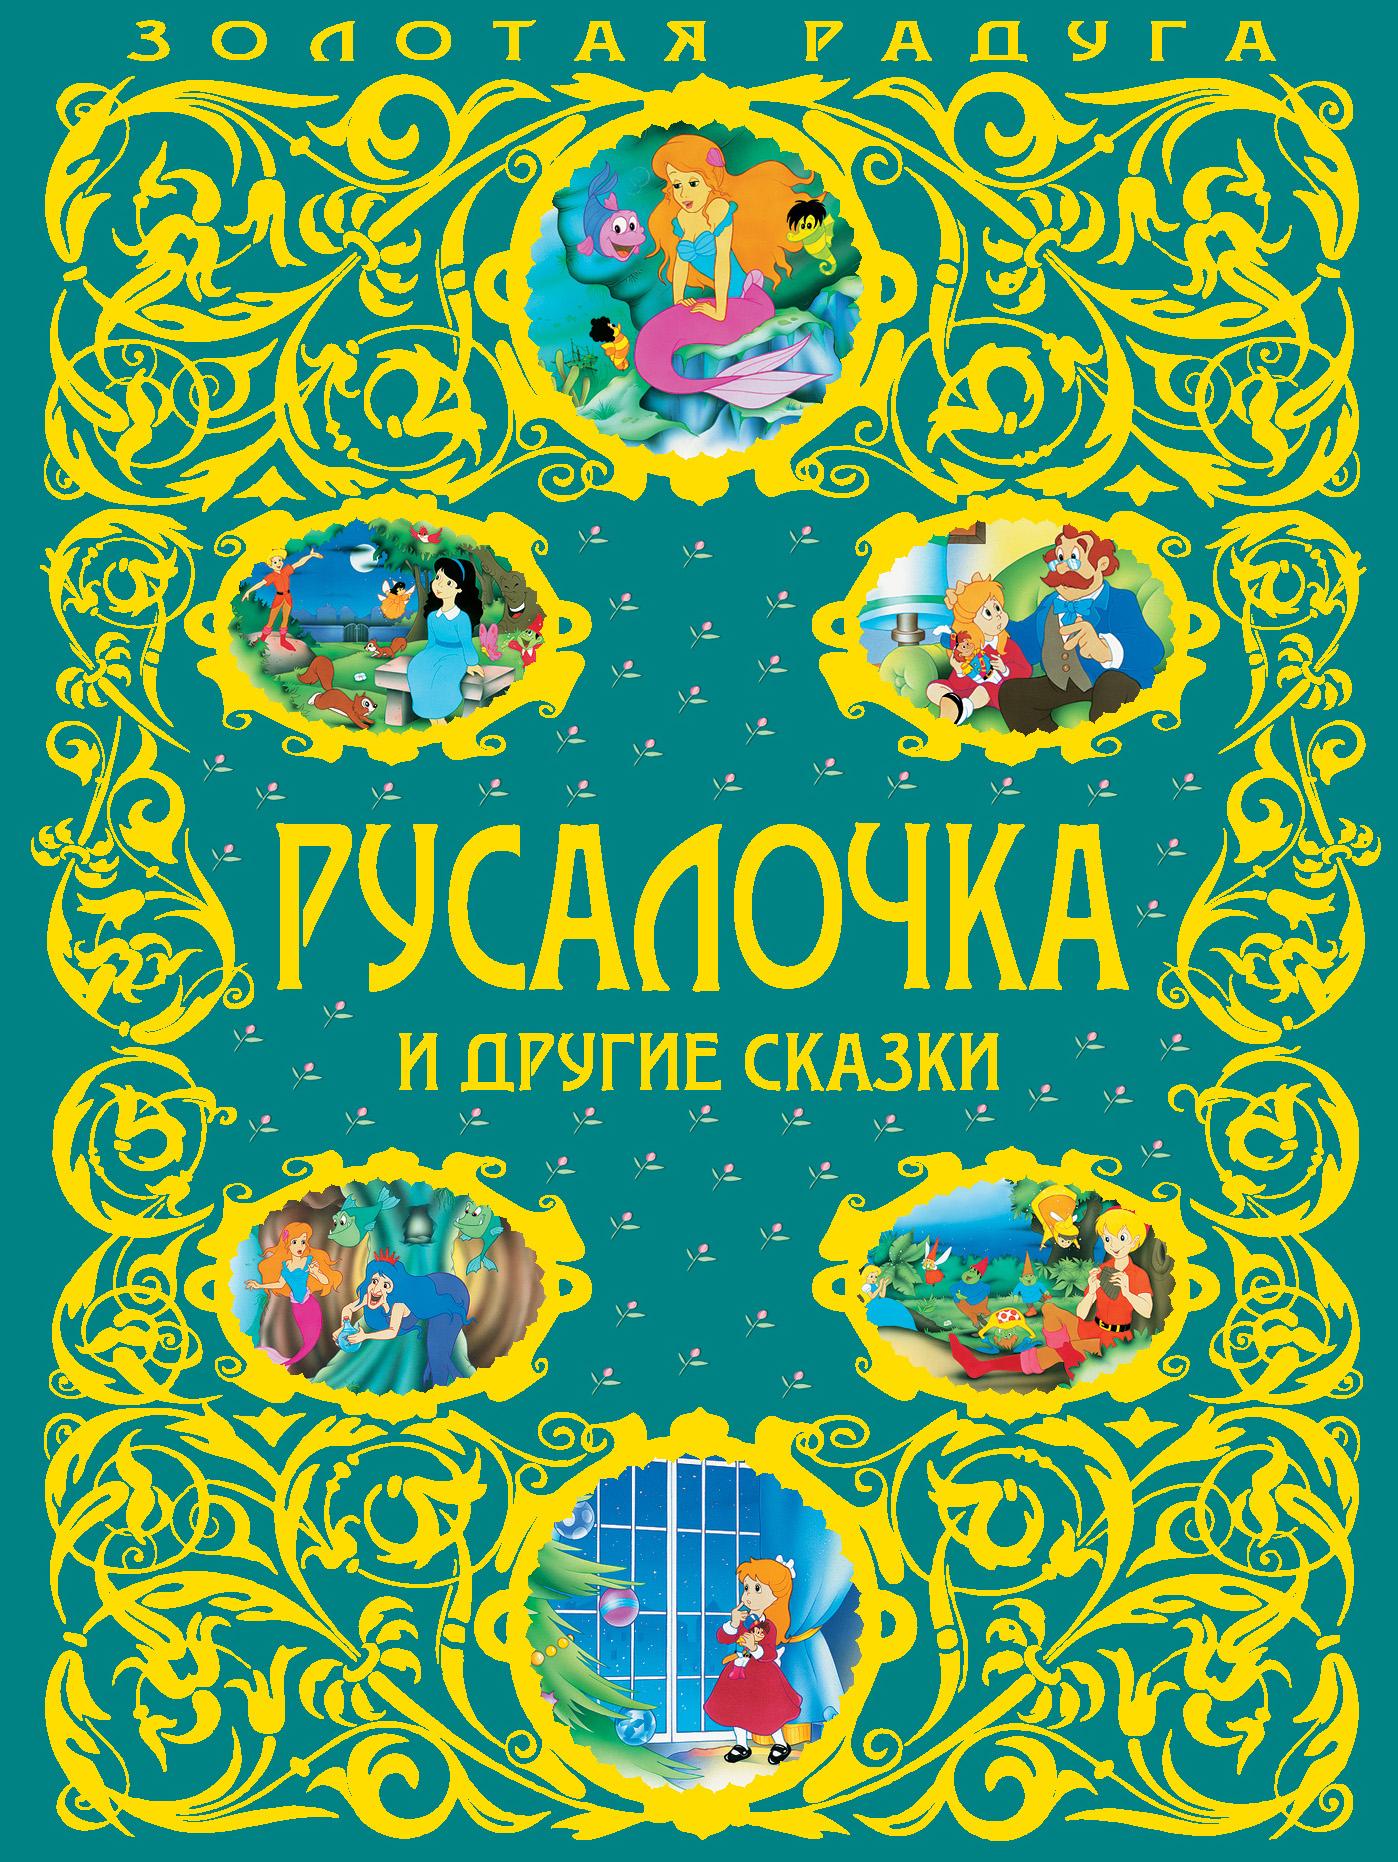 Ганс Христиан Андерсен Русалочка и другие сказки русалочка сказки